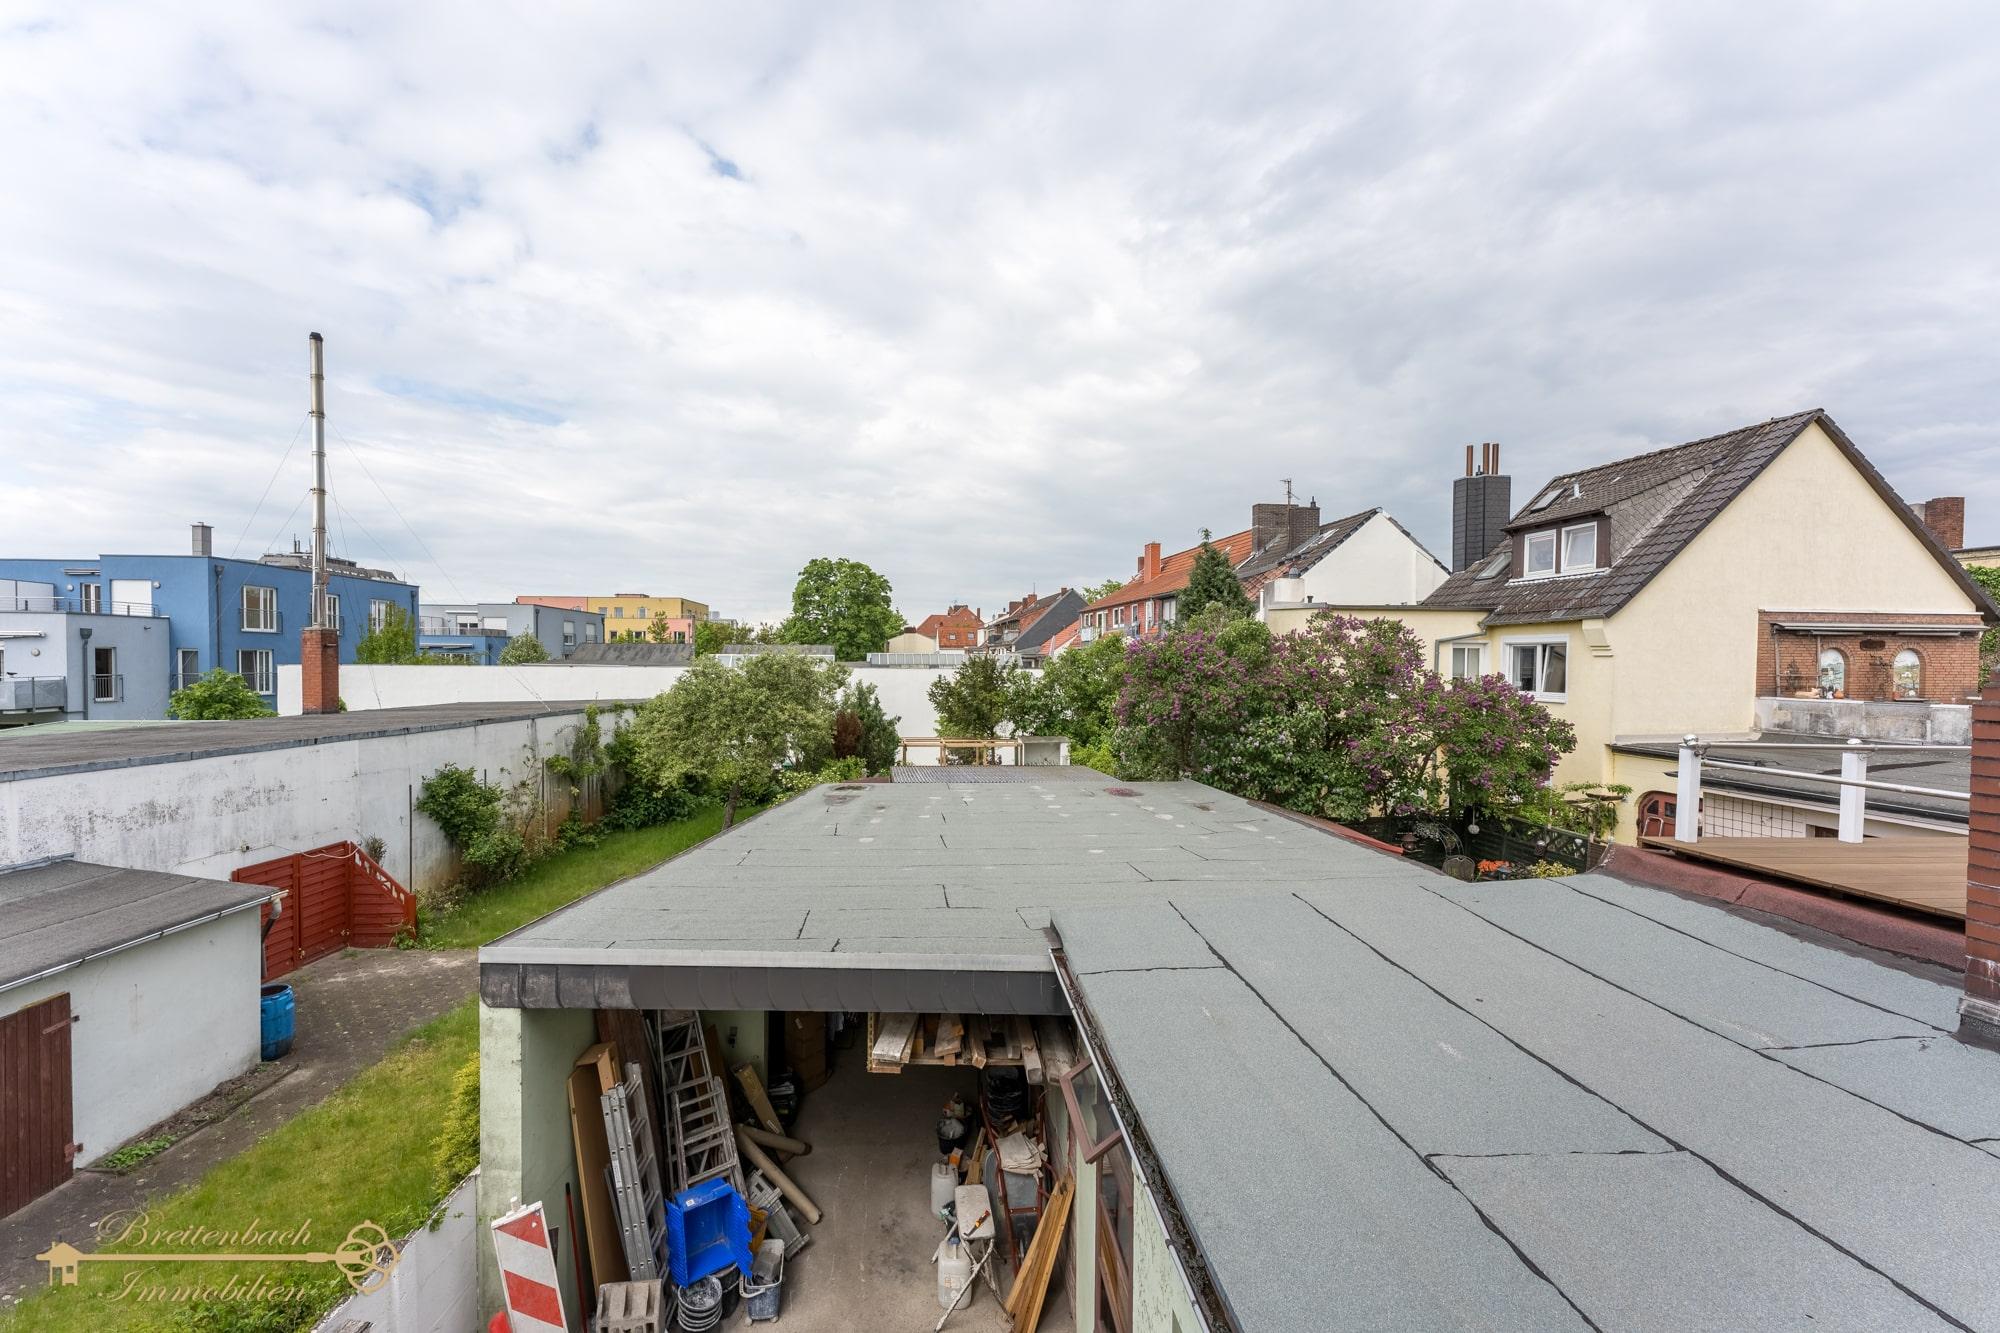 2021-05-23-Breitenbach-Immobilien-Makler-Bremen-23-min